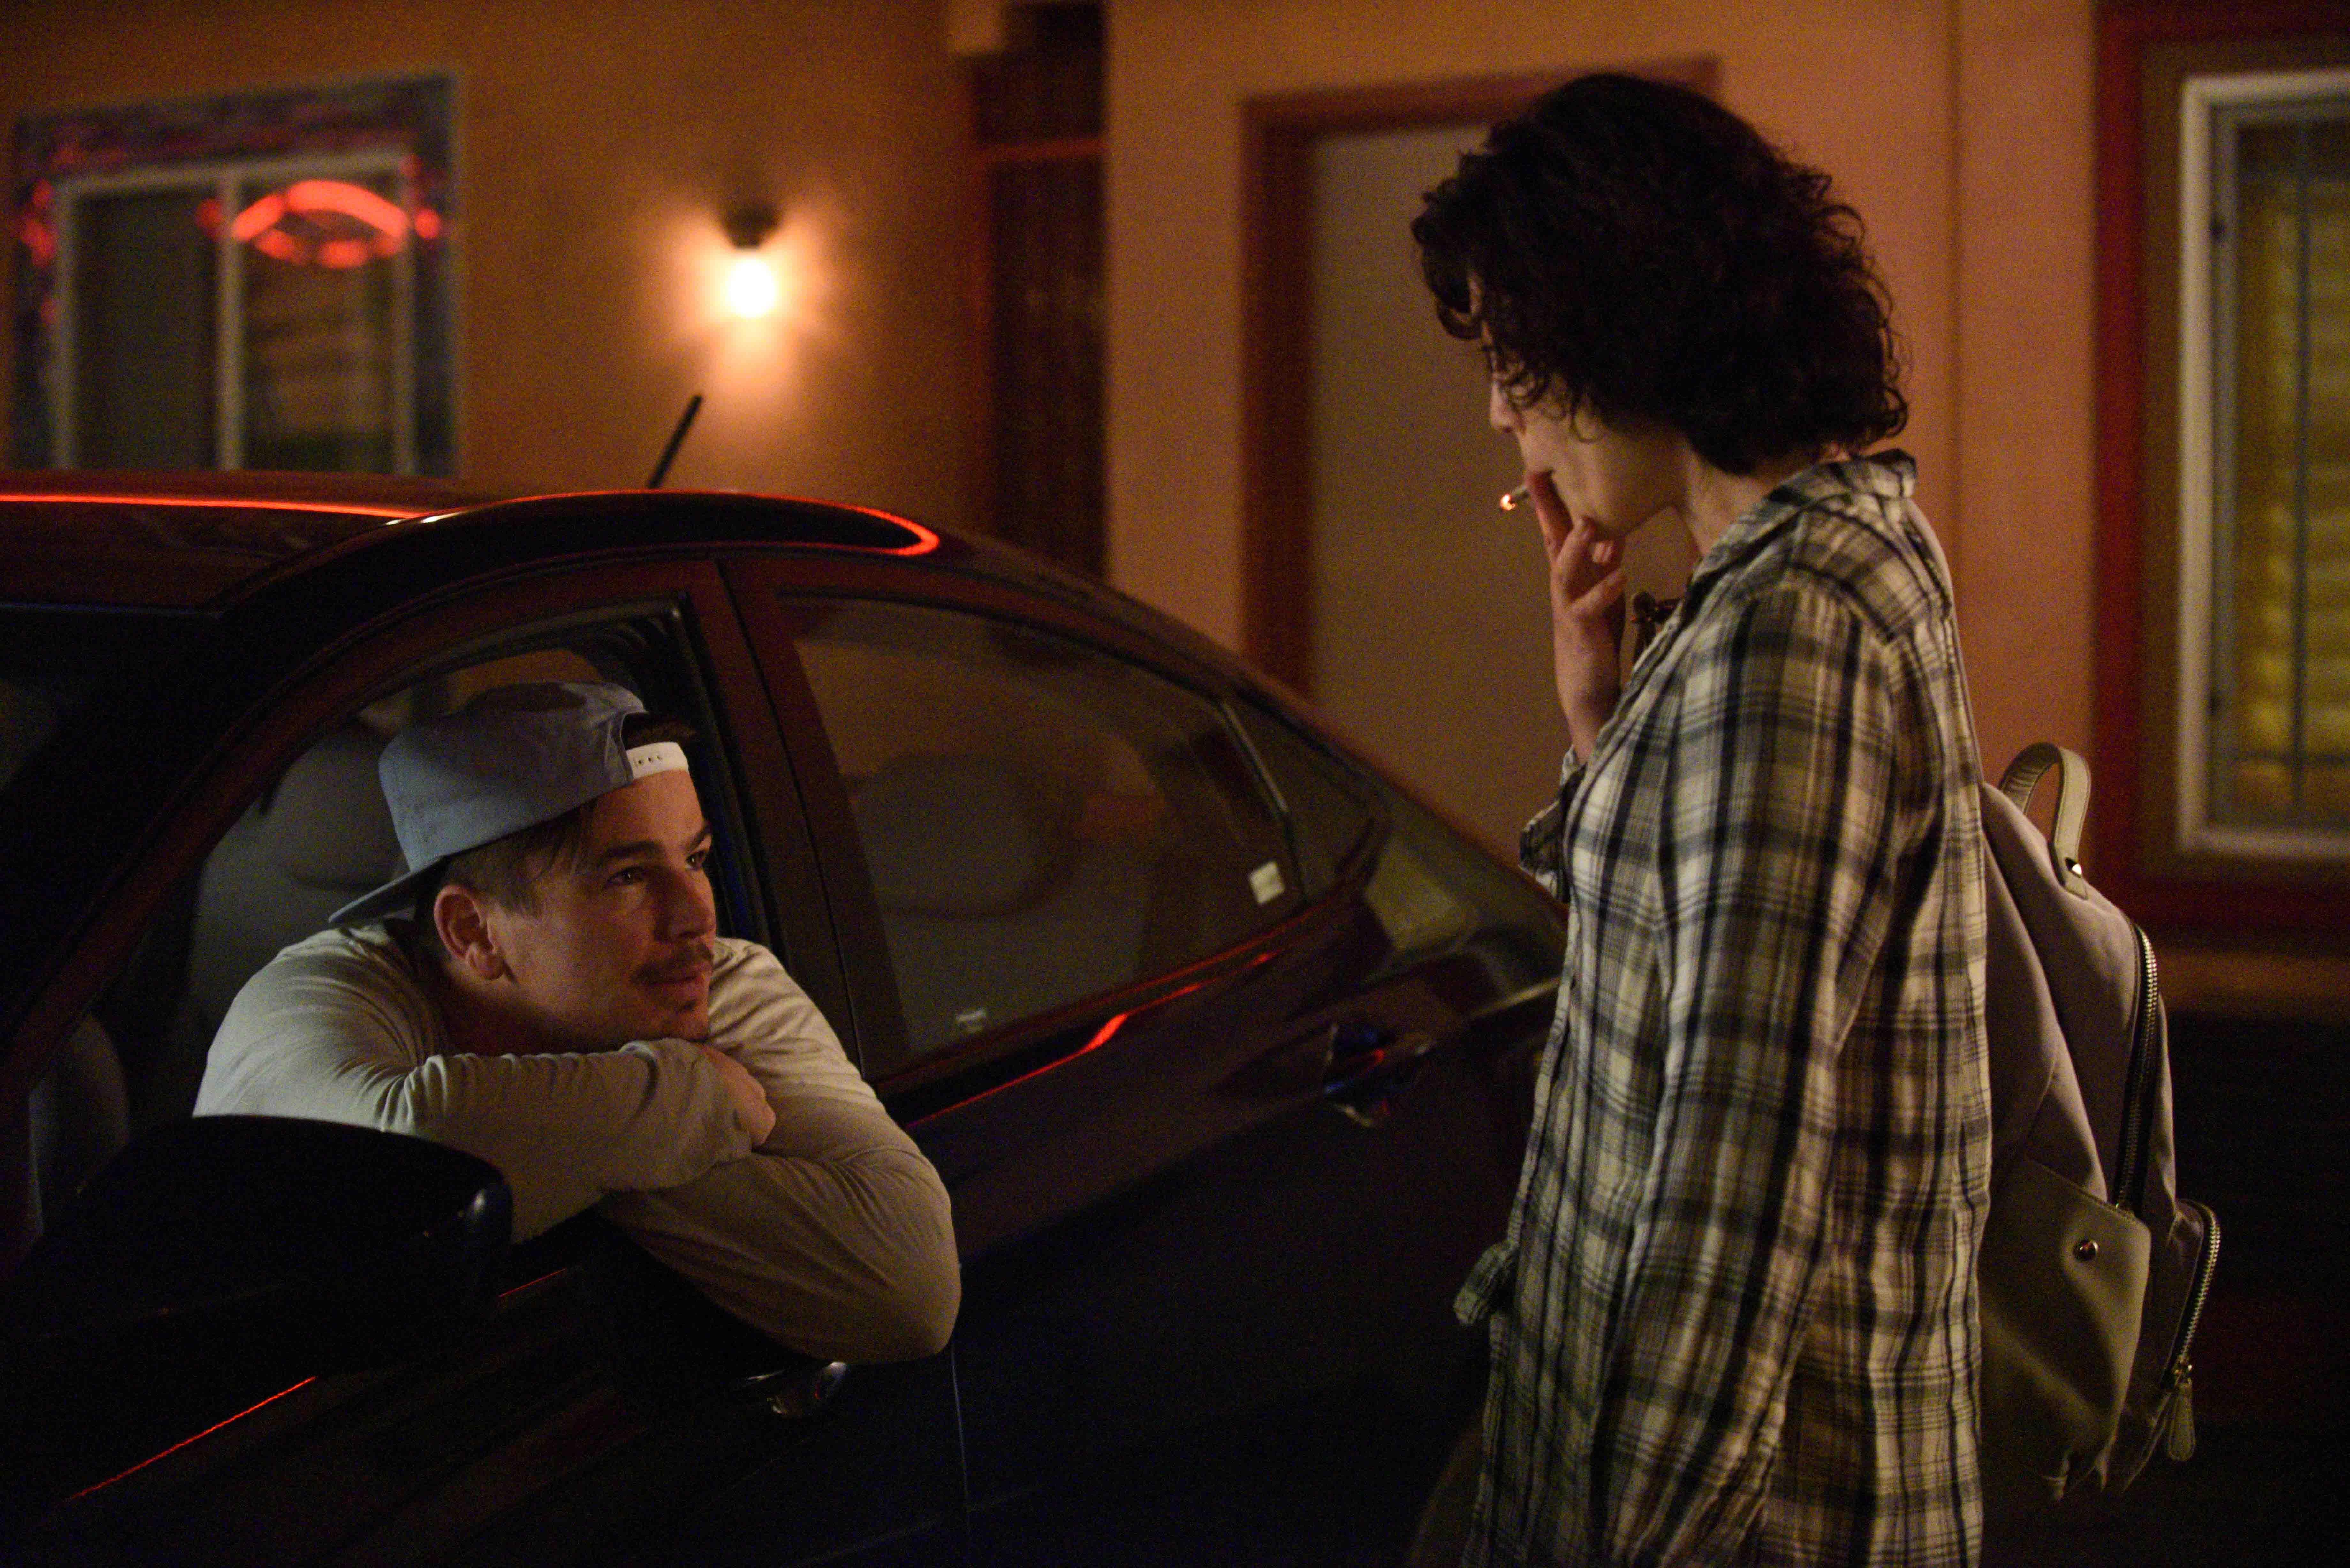 喬許哈奈特 與 寺島忍 於電影《喔!露西》中有激情的情慾戲。